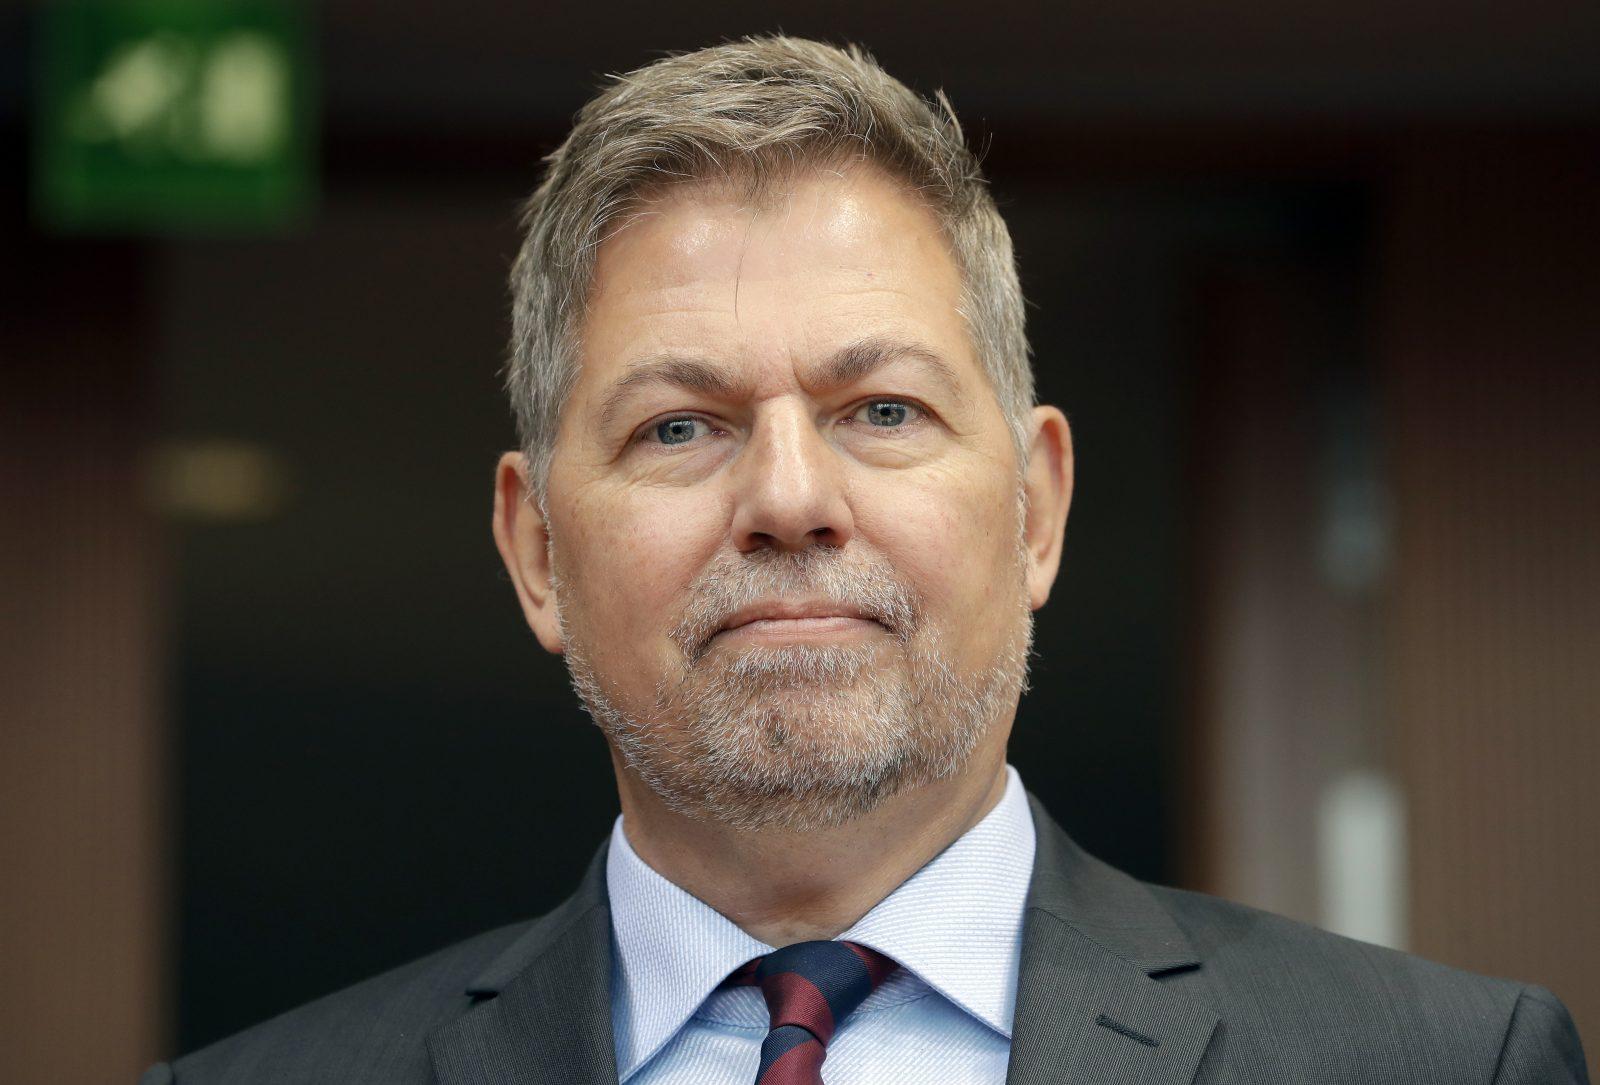 erteidigungsministerin Annegret Kramp-Karrenbauer (CDU) hat den MAD-Chef Christof Gramm entlassen Foto: picture alliance / AP Images